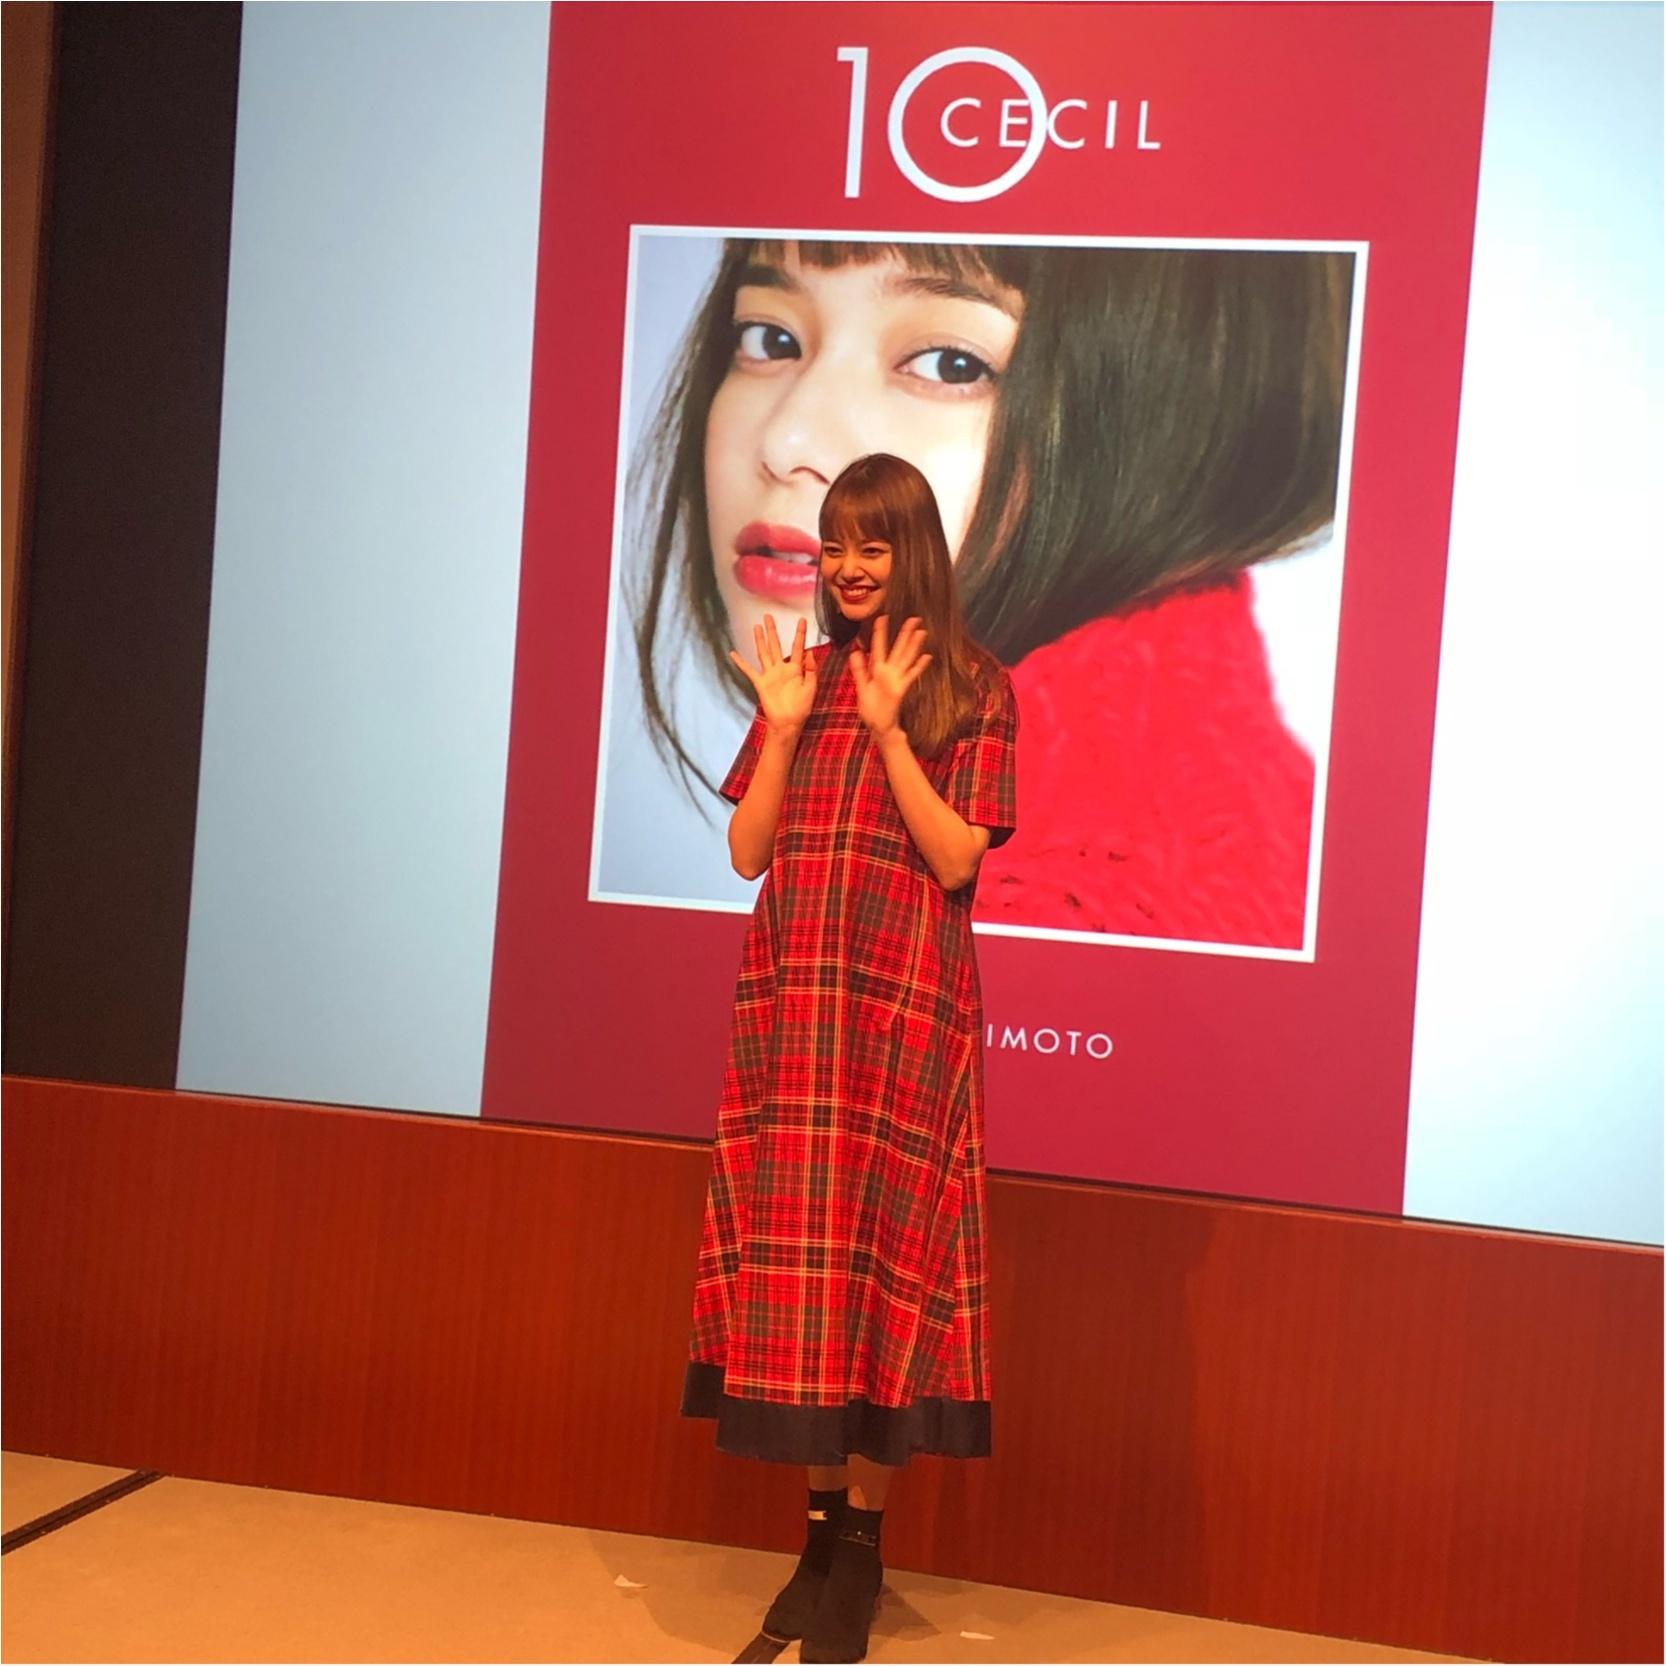 【MORE大女子会♥︎♥︎】年に1度の大イベントにご紹介いただき、行ってきました^^★フォトジェニックなSweetsから、豪華なスペシャルゲスト♡♡みんなと撮った写真も♡♡_10